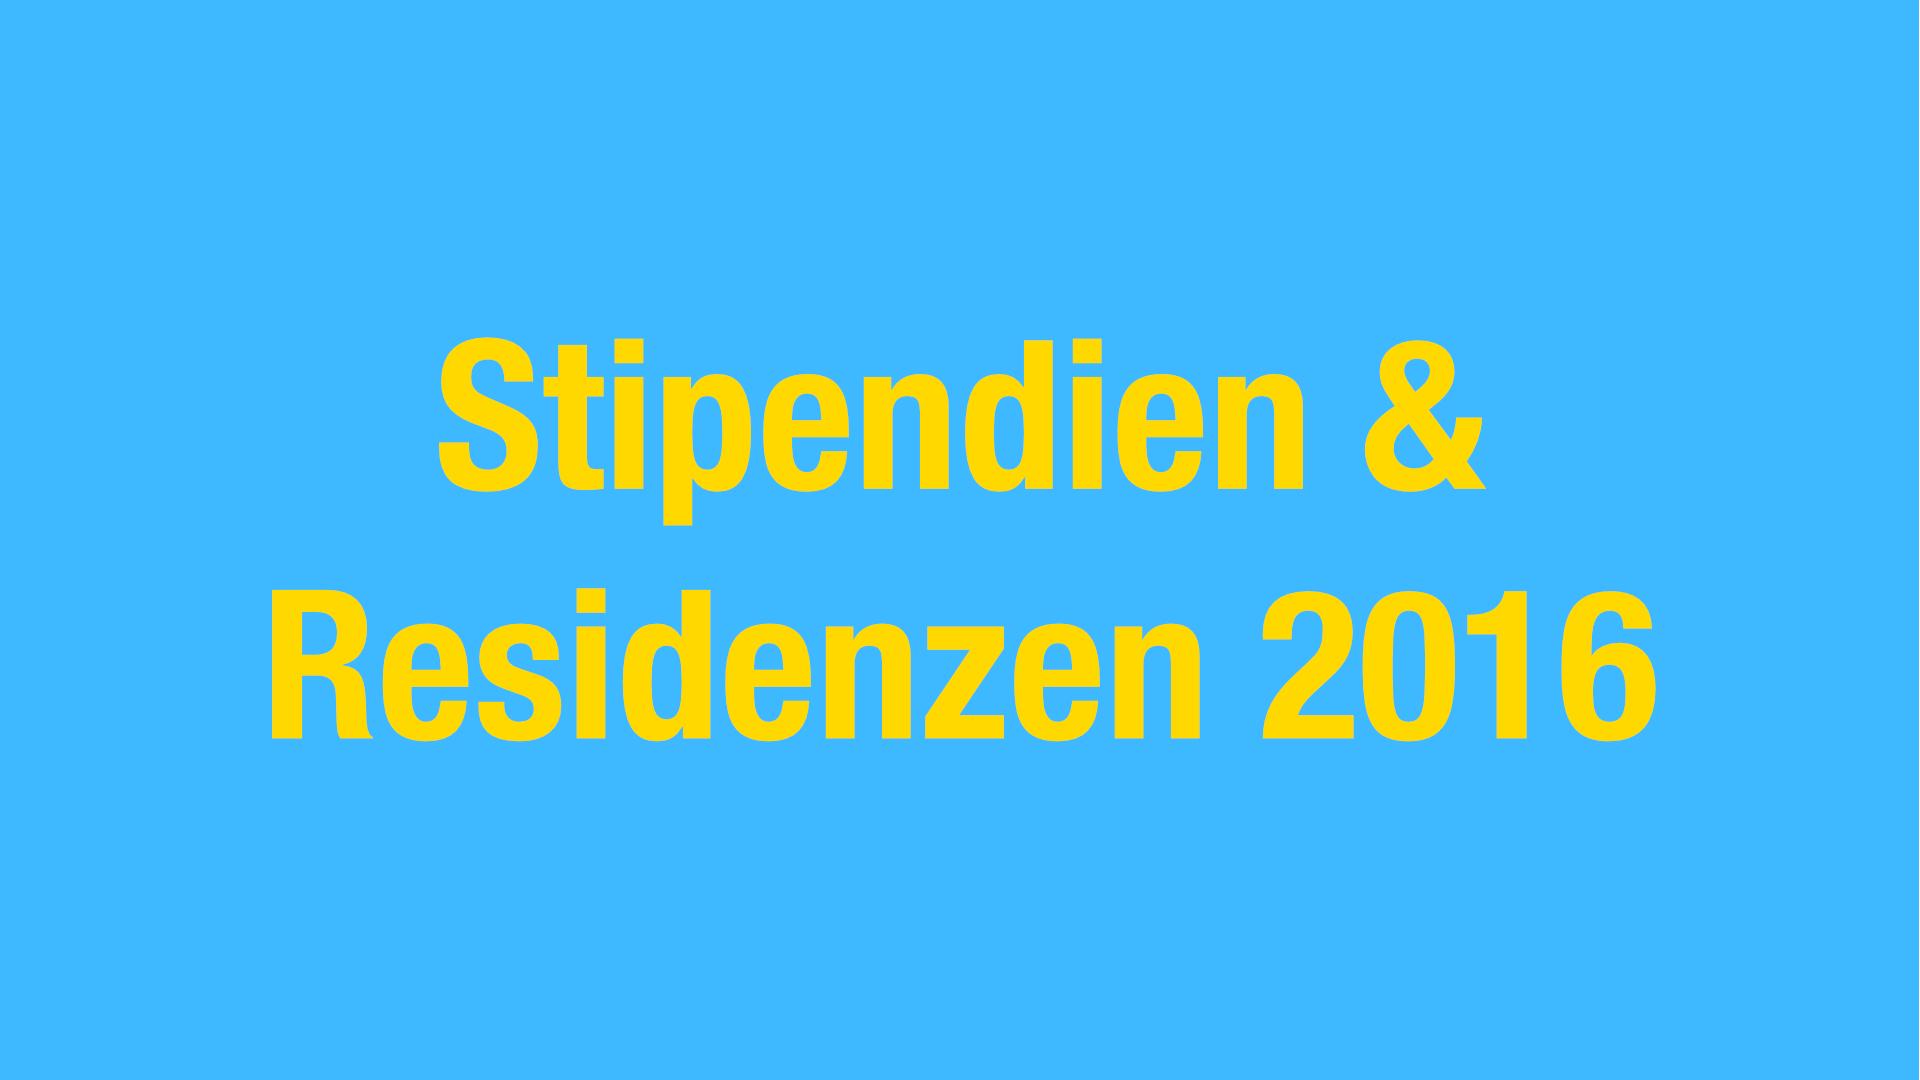 Stipendien & Residenzen 2016